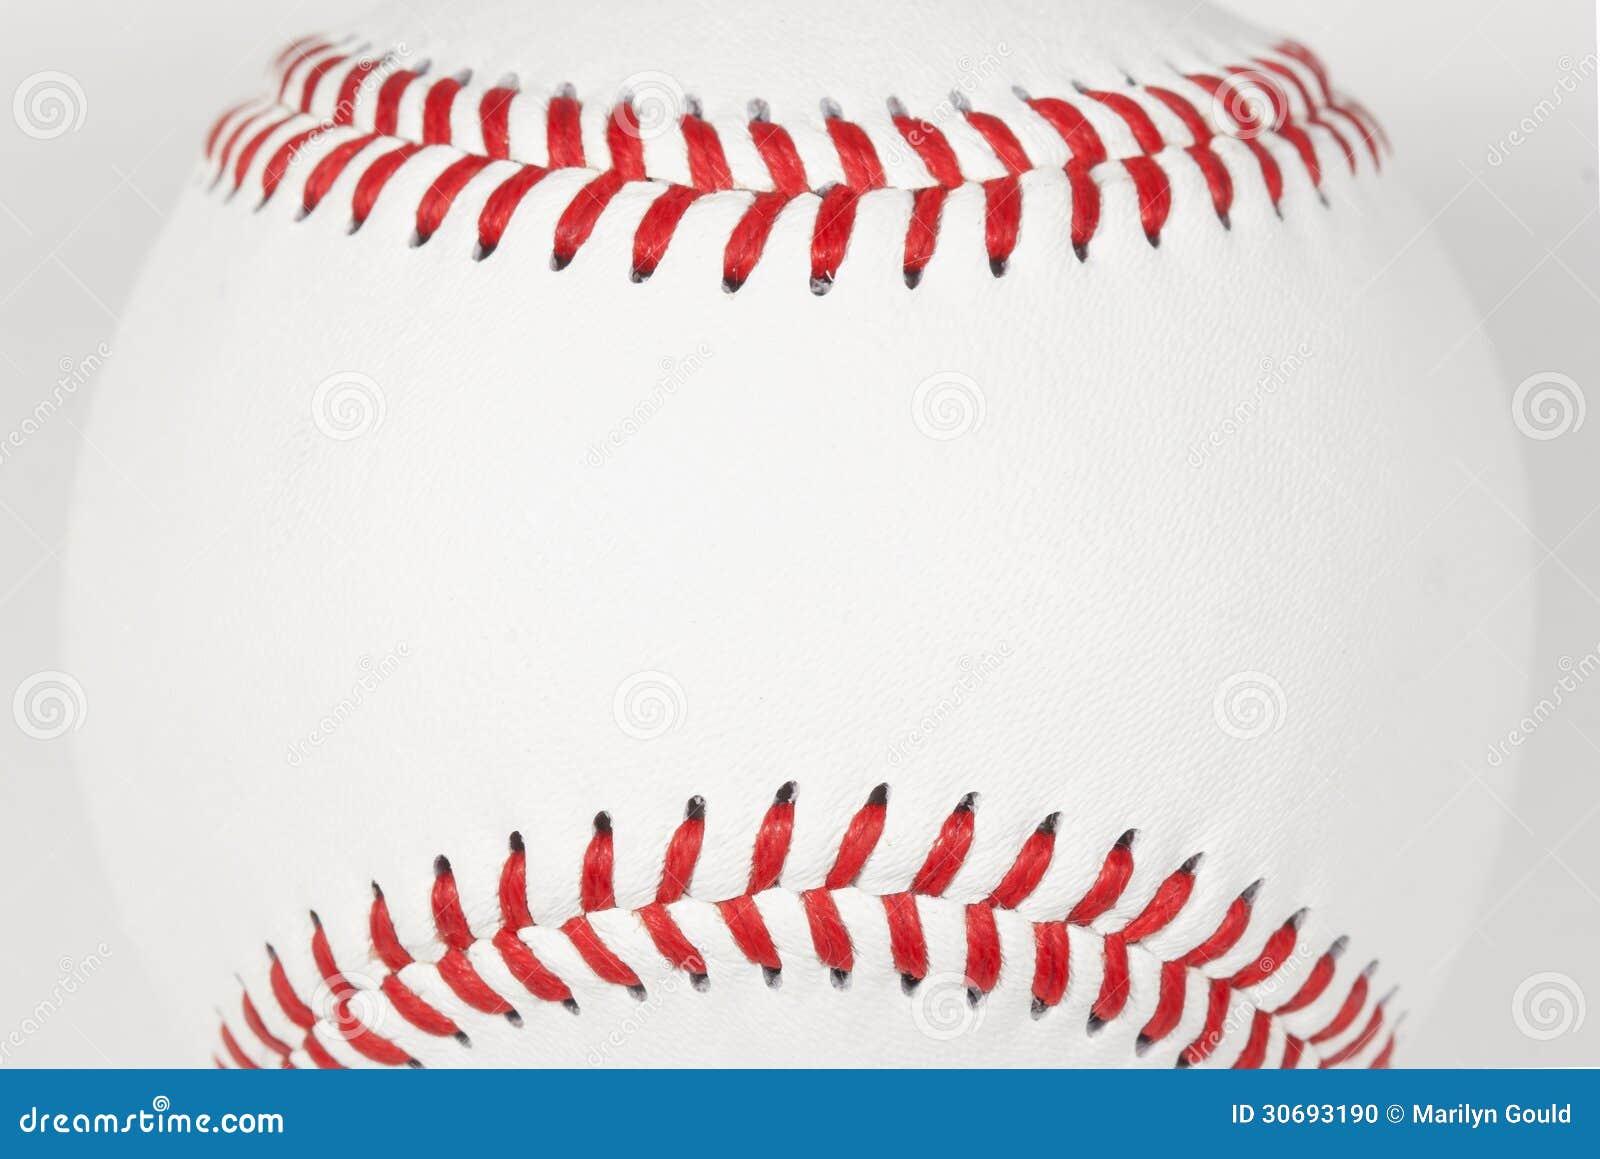 Baseball Stitching Frame